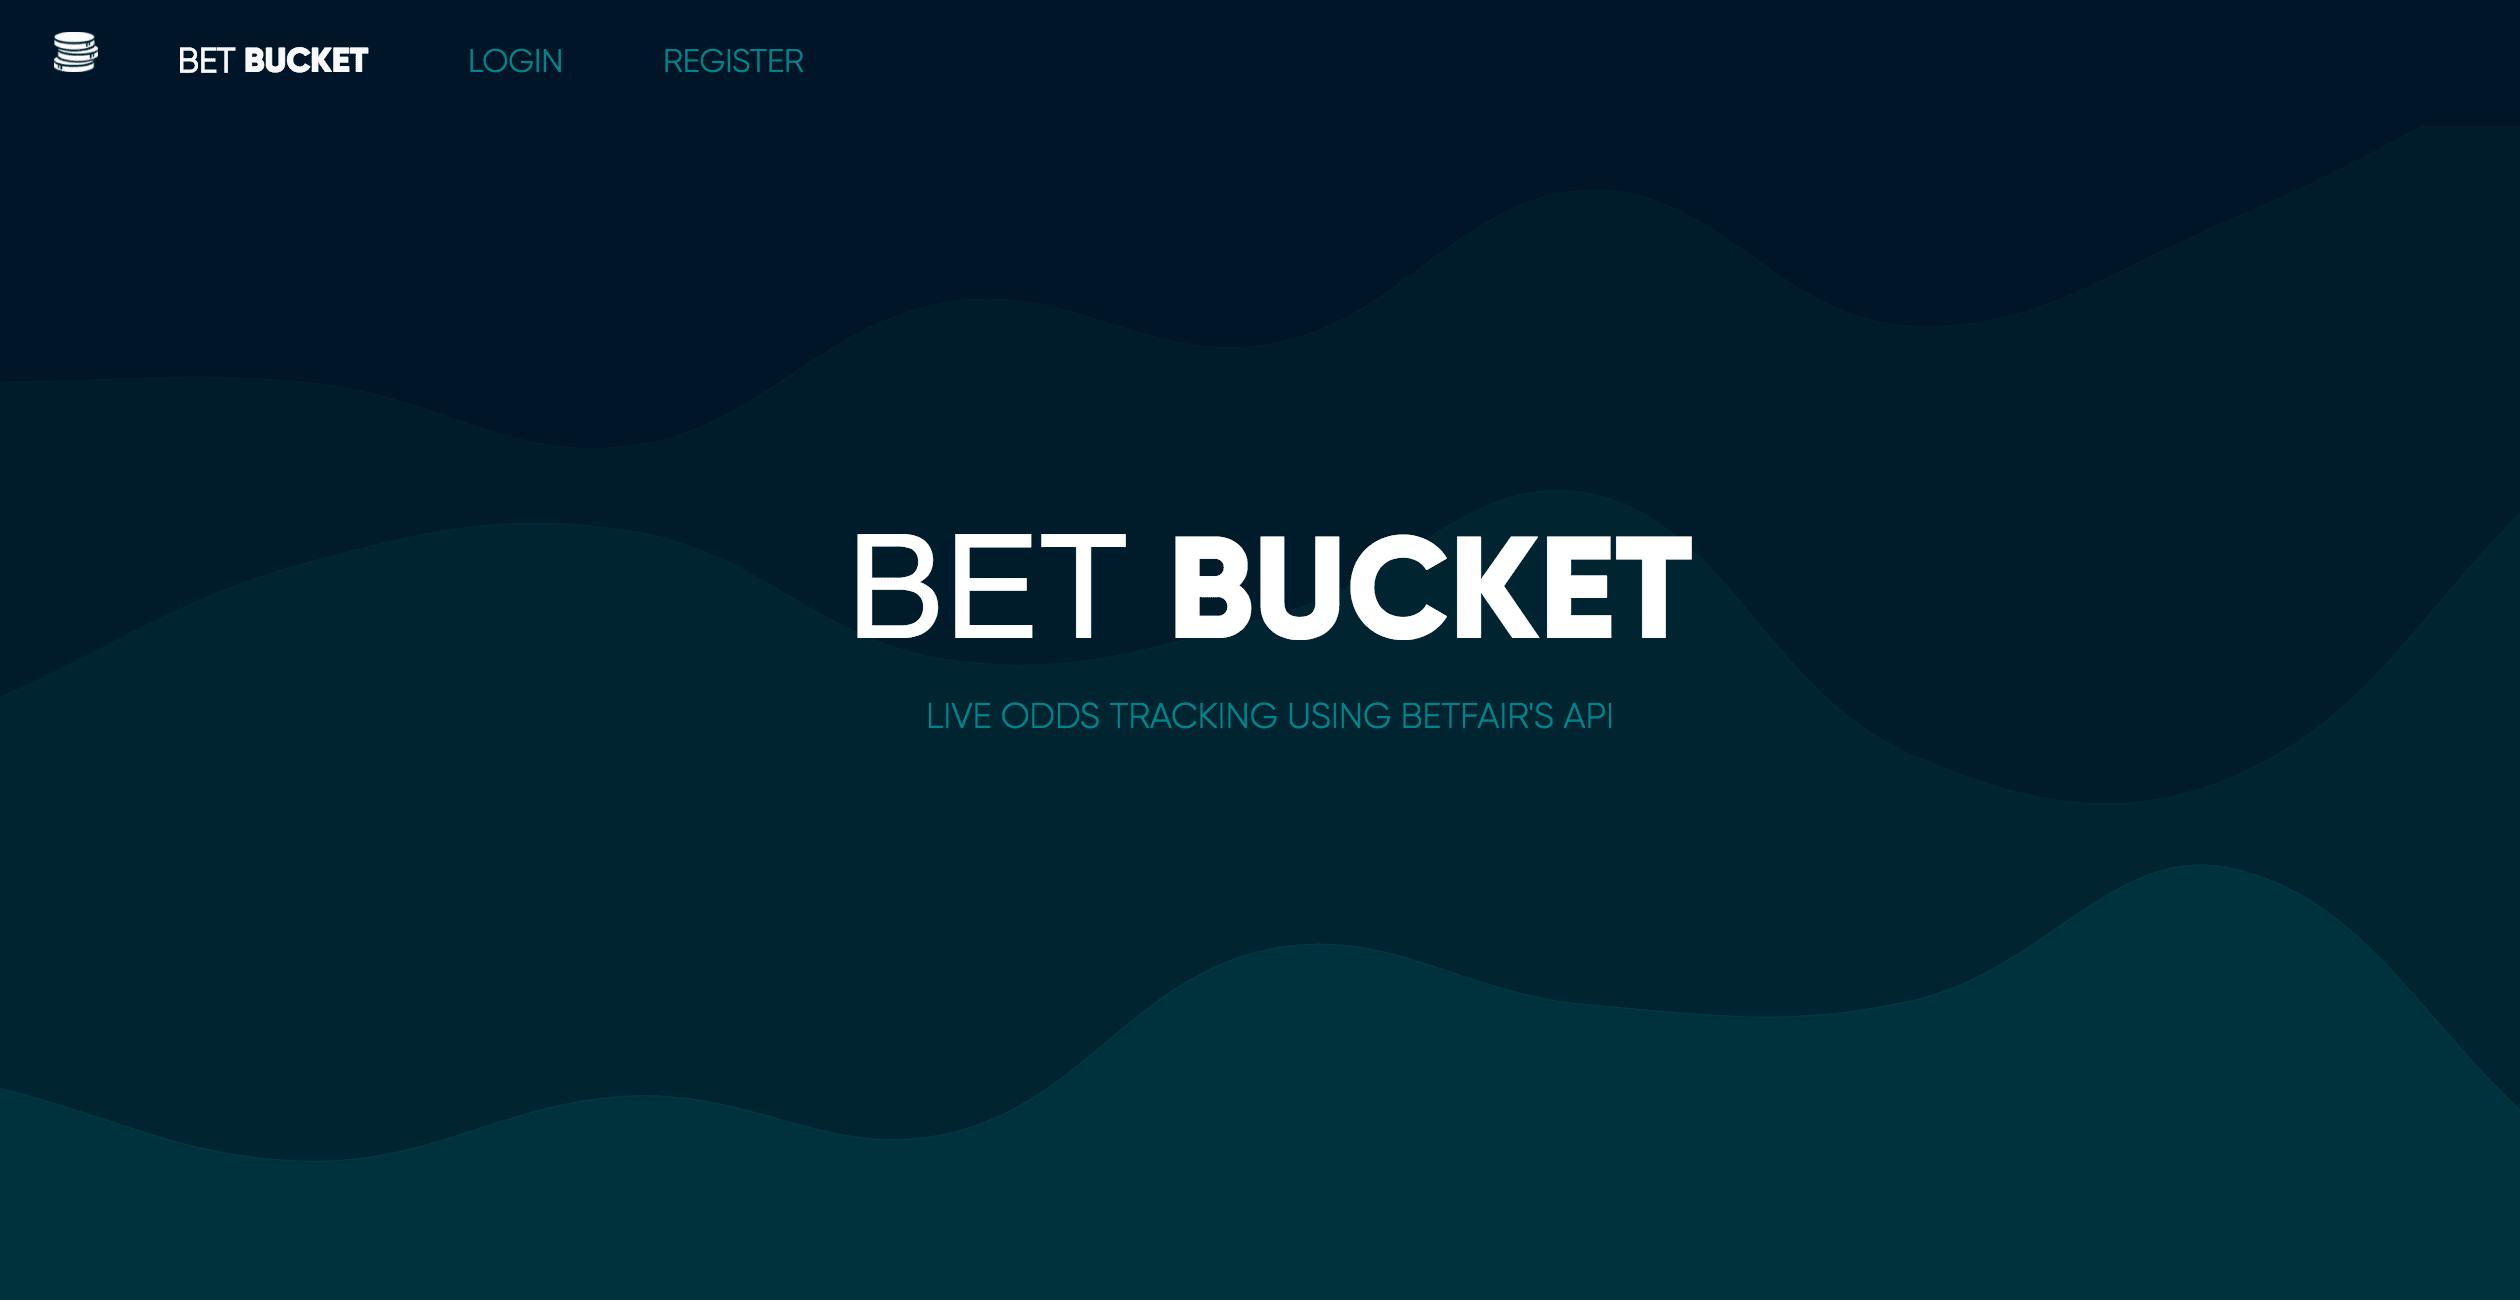 Bet_Bucket